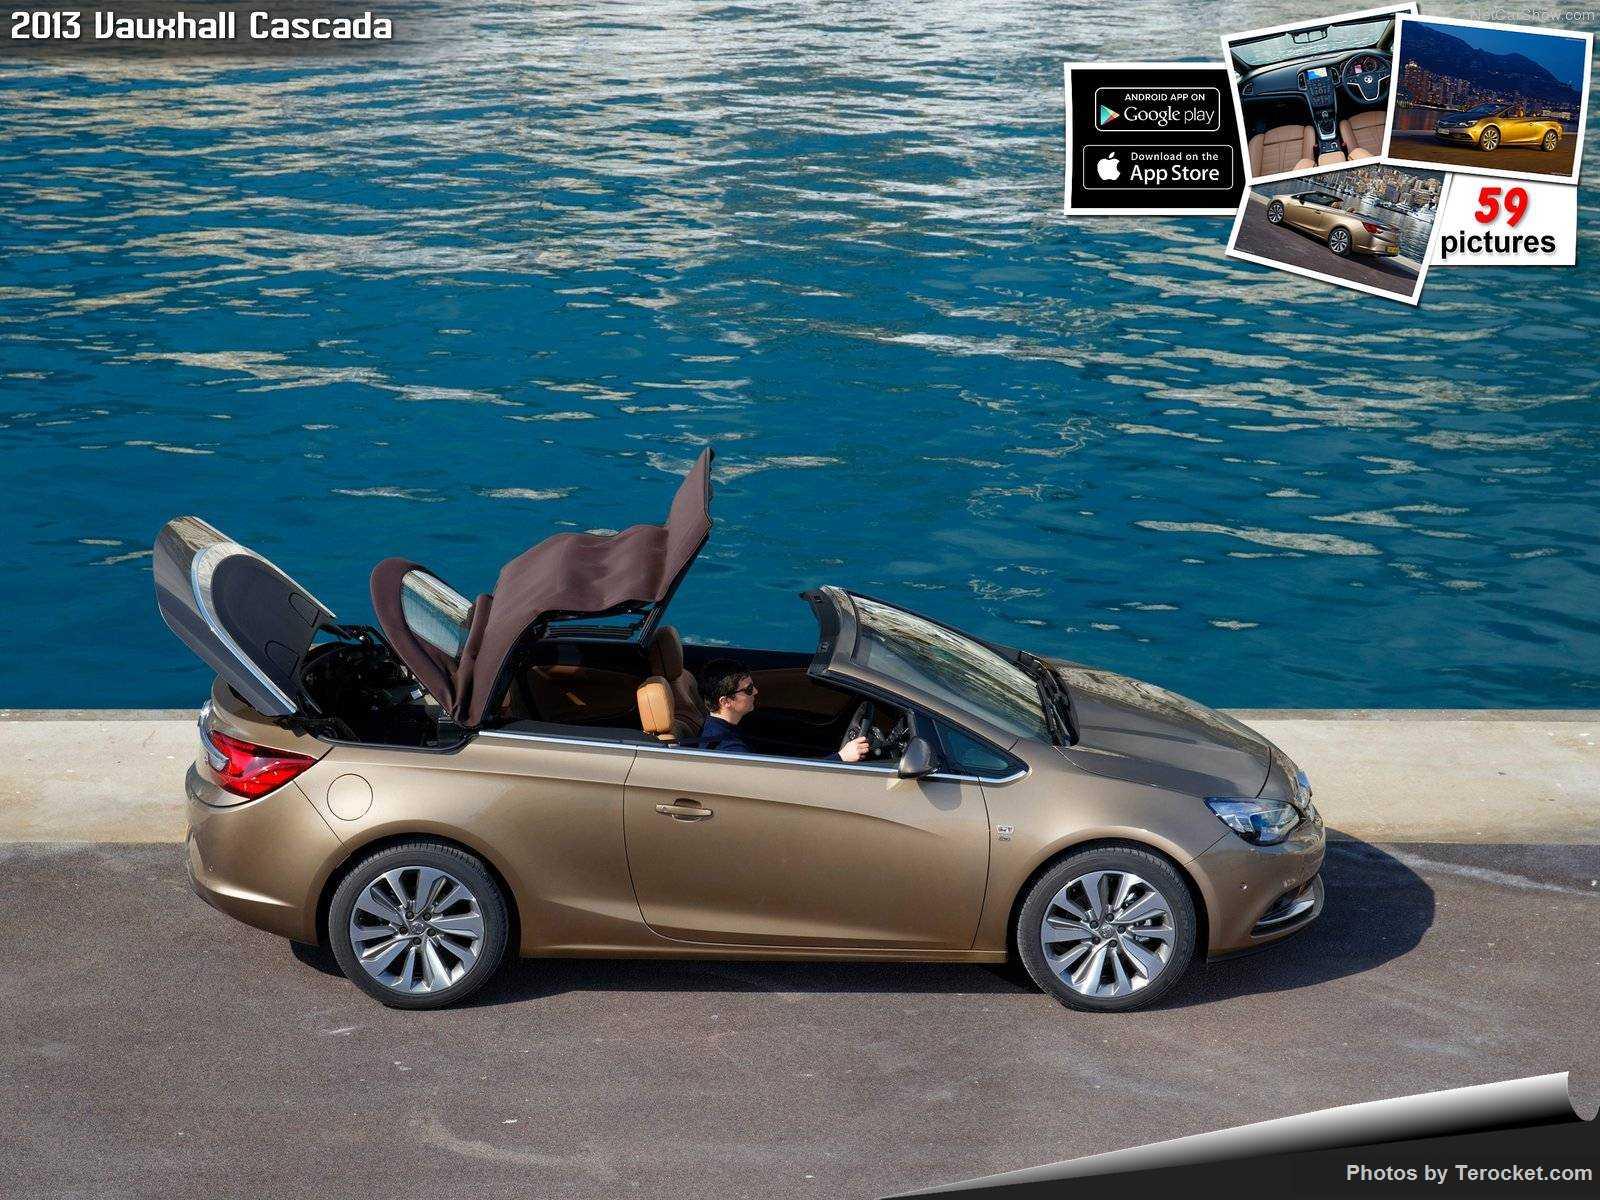 Hình ảnh xe ô tô Vauxhall Cascada 2013 & nội ngoại thất